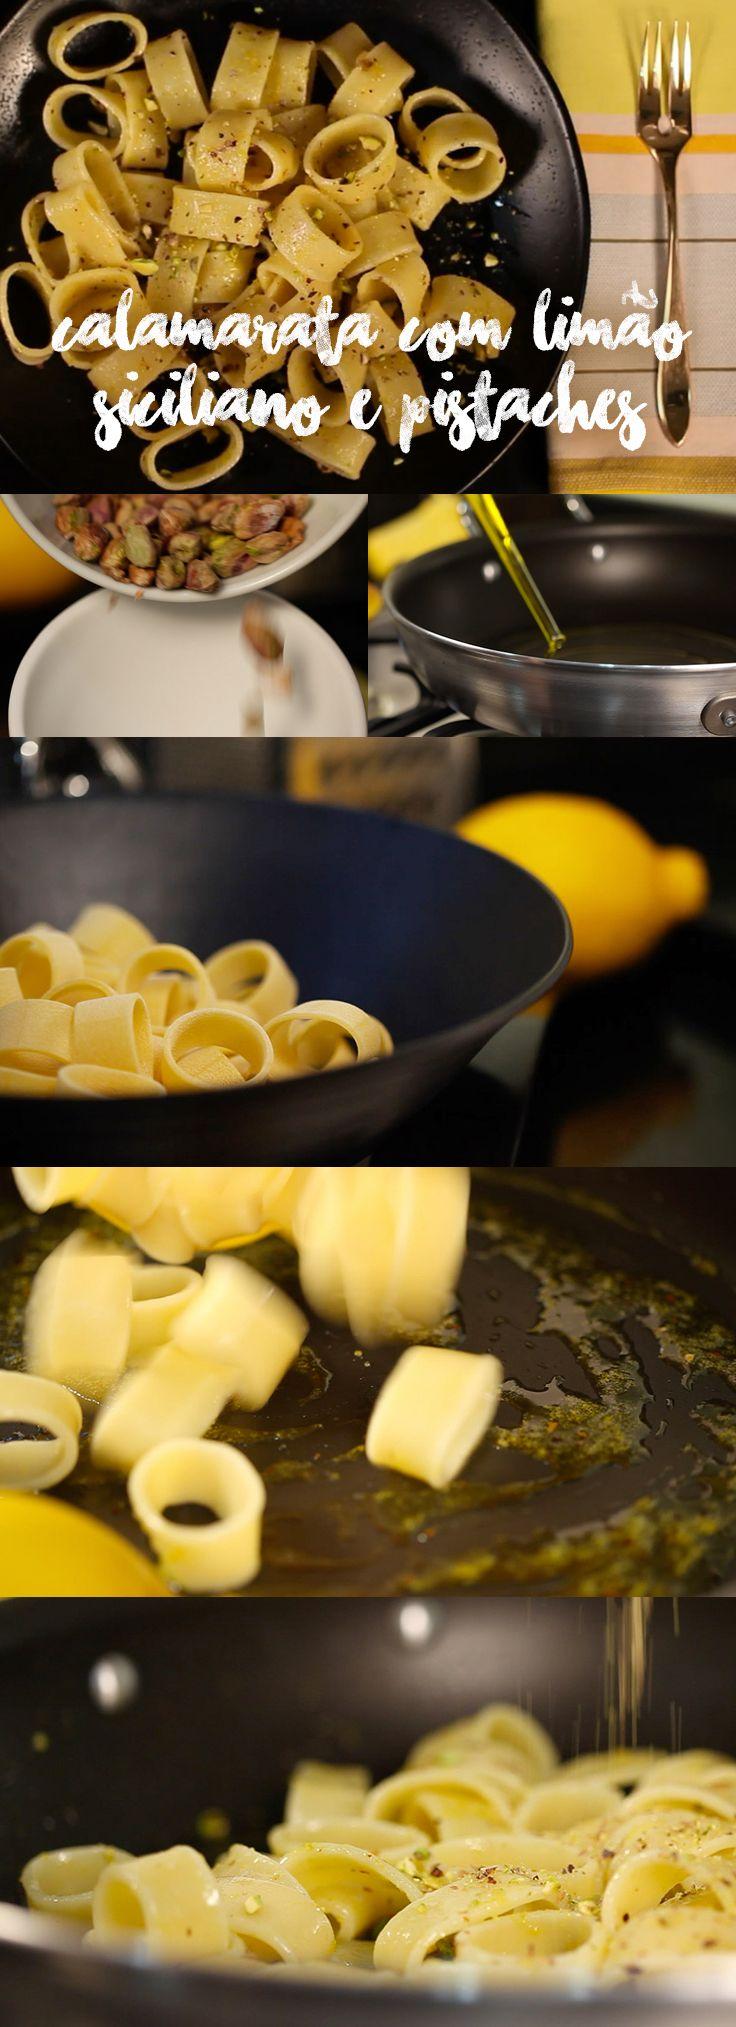 . Calamarata com limão siciliano e pistaches Receita super saborosa e que faz um sucesso! Confira essa e muitas outras receitas para surpreender os convidados em myyellowpages.com.br  LINK DA RECEITA: http://www.myyellowpages.com.br/calamarata-com-limao-siciliano-e-pistaches/